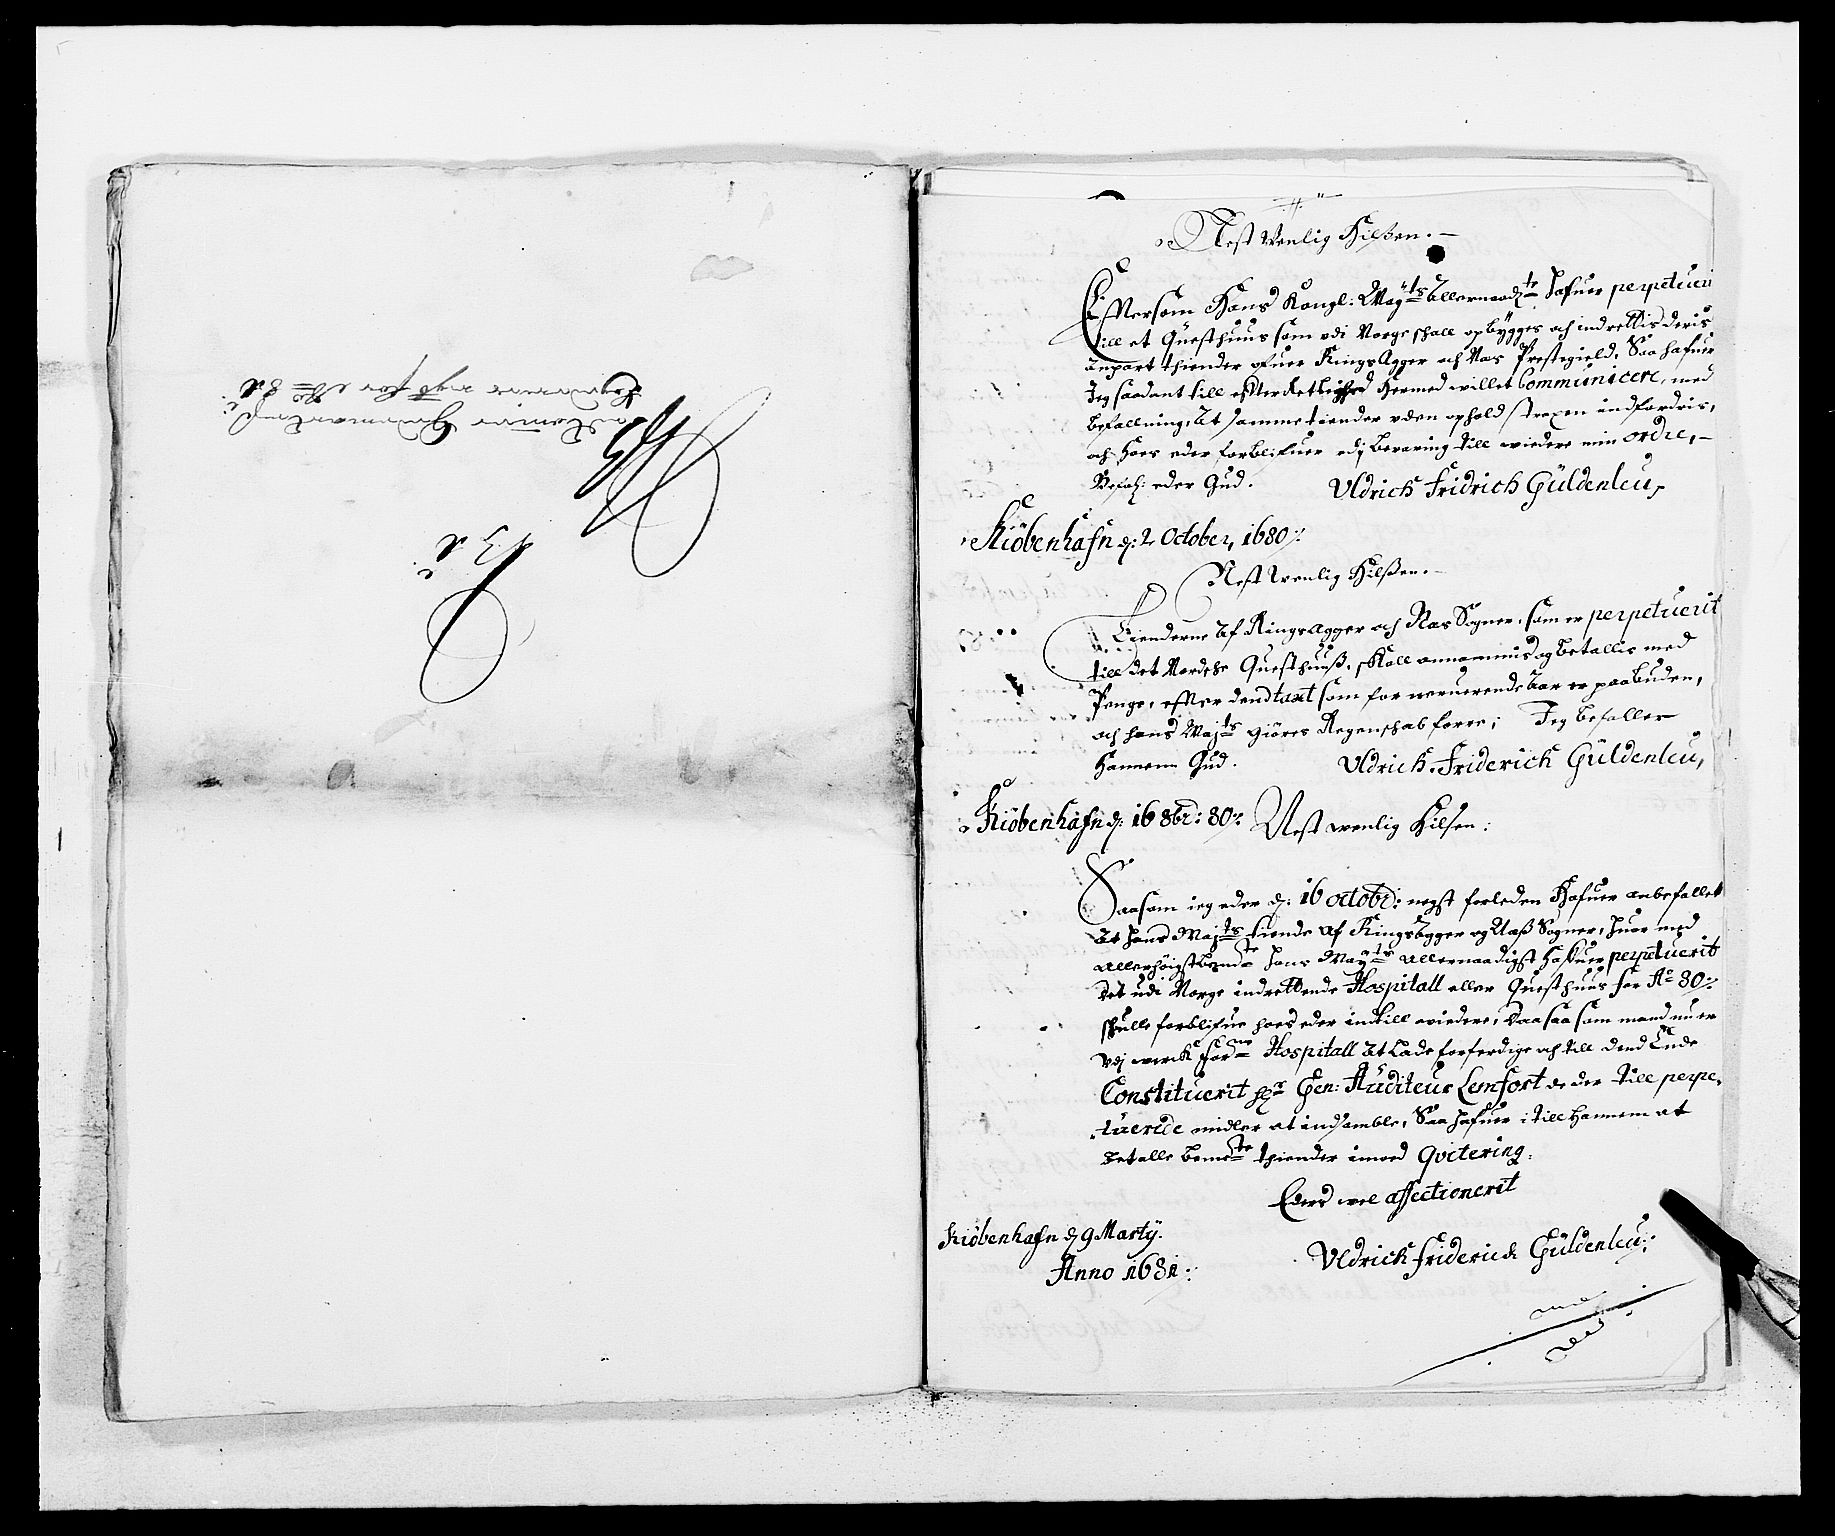 RA, Rentekammeret inntil 1814, Reviderte regnskaper, Fogderegnskap, R16/L1021: Fogderegnskap Hedmark, 1681, s. 353